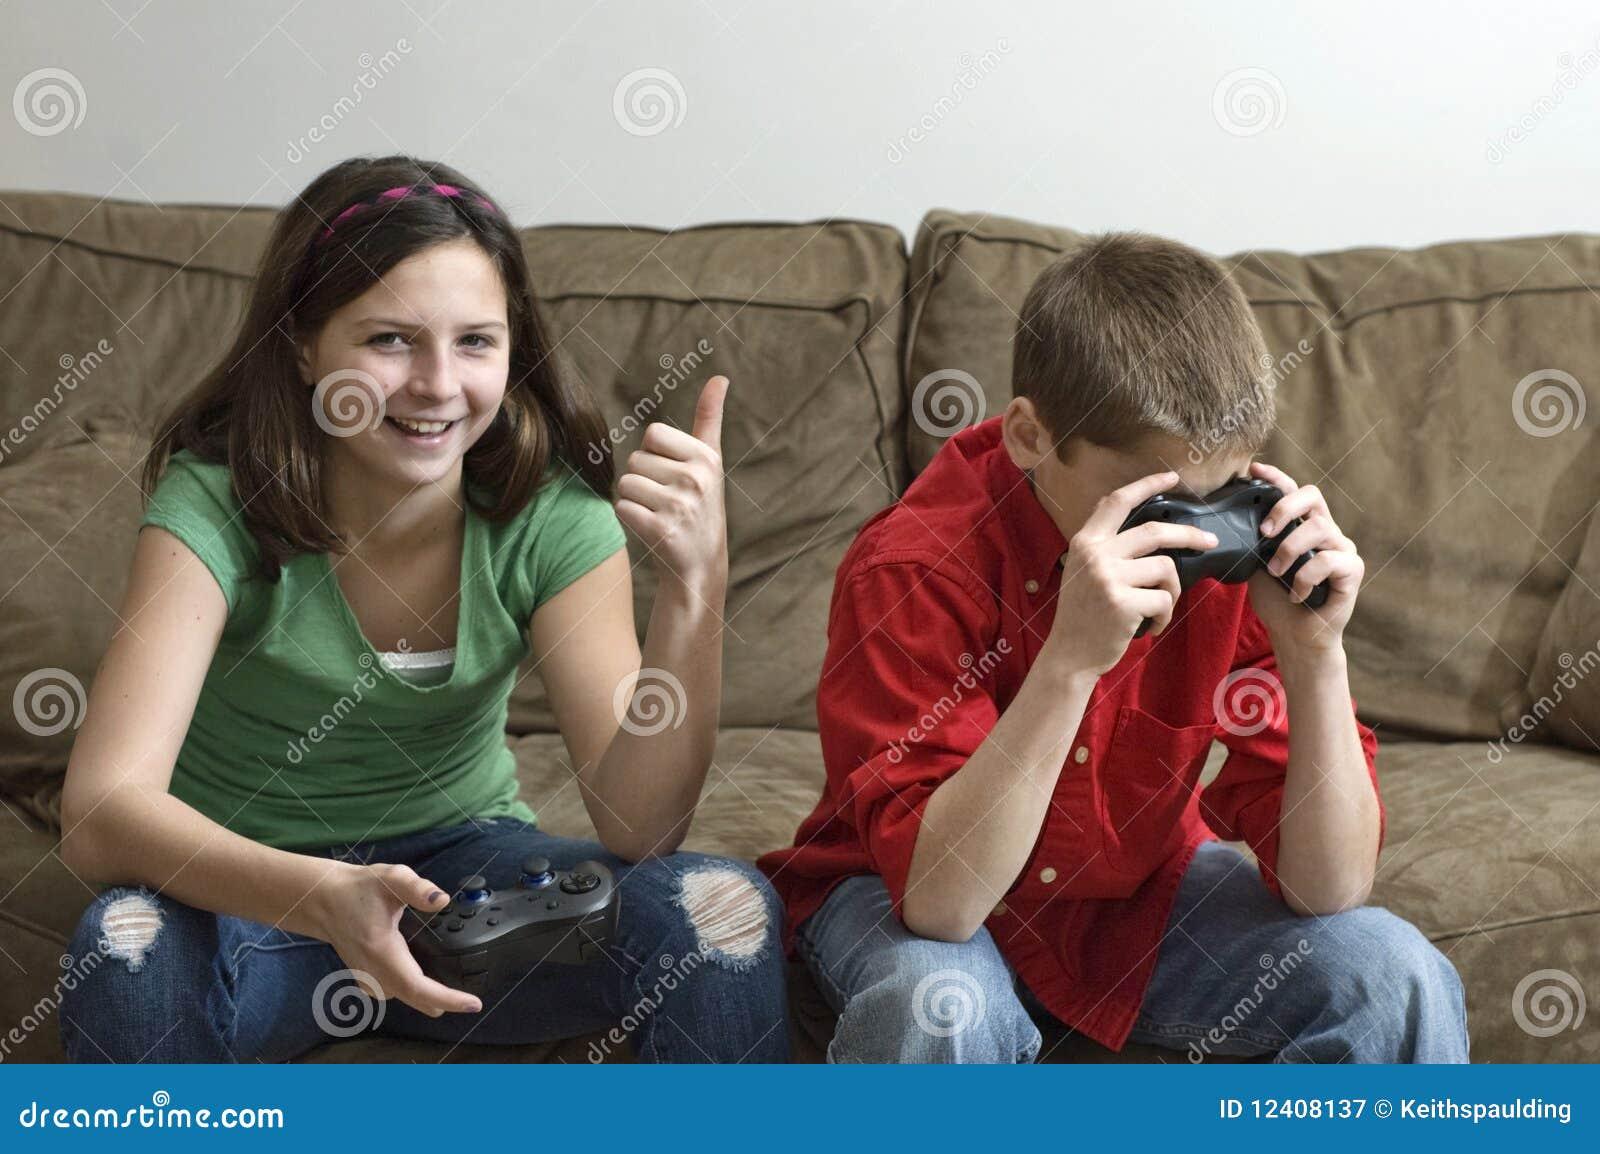 Русское порно брат трахнул пьяную сестру, брат и сестра развлекаются смотреть видео онлайн 23 фотография